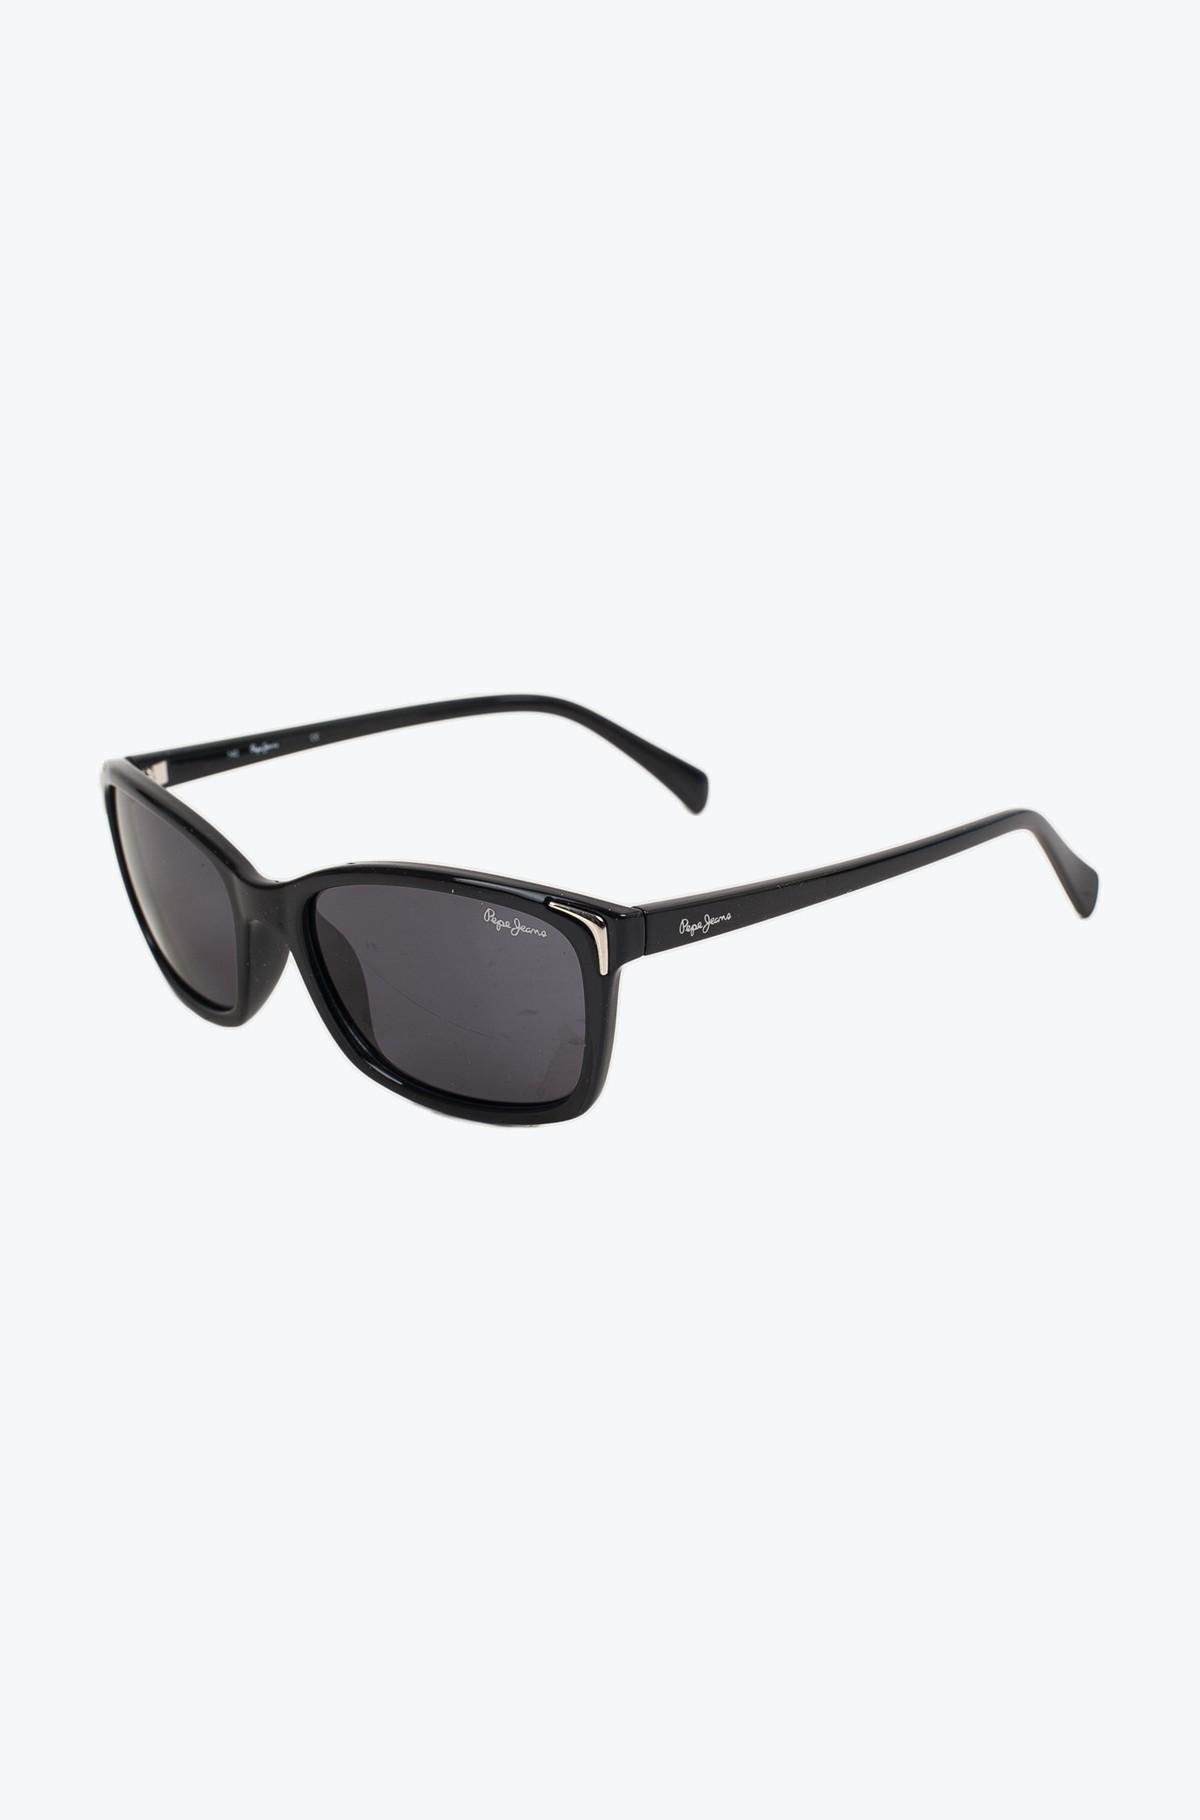 Saulesbrilles PJ7179-full-1